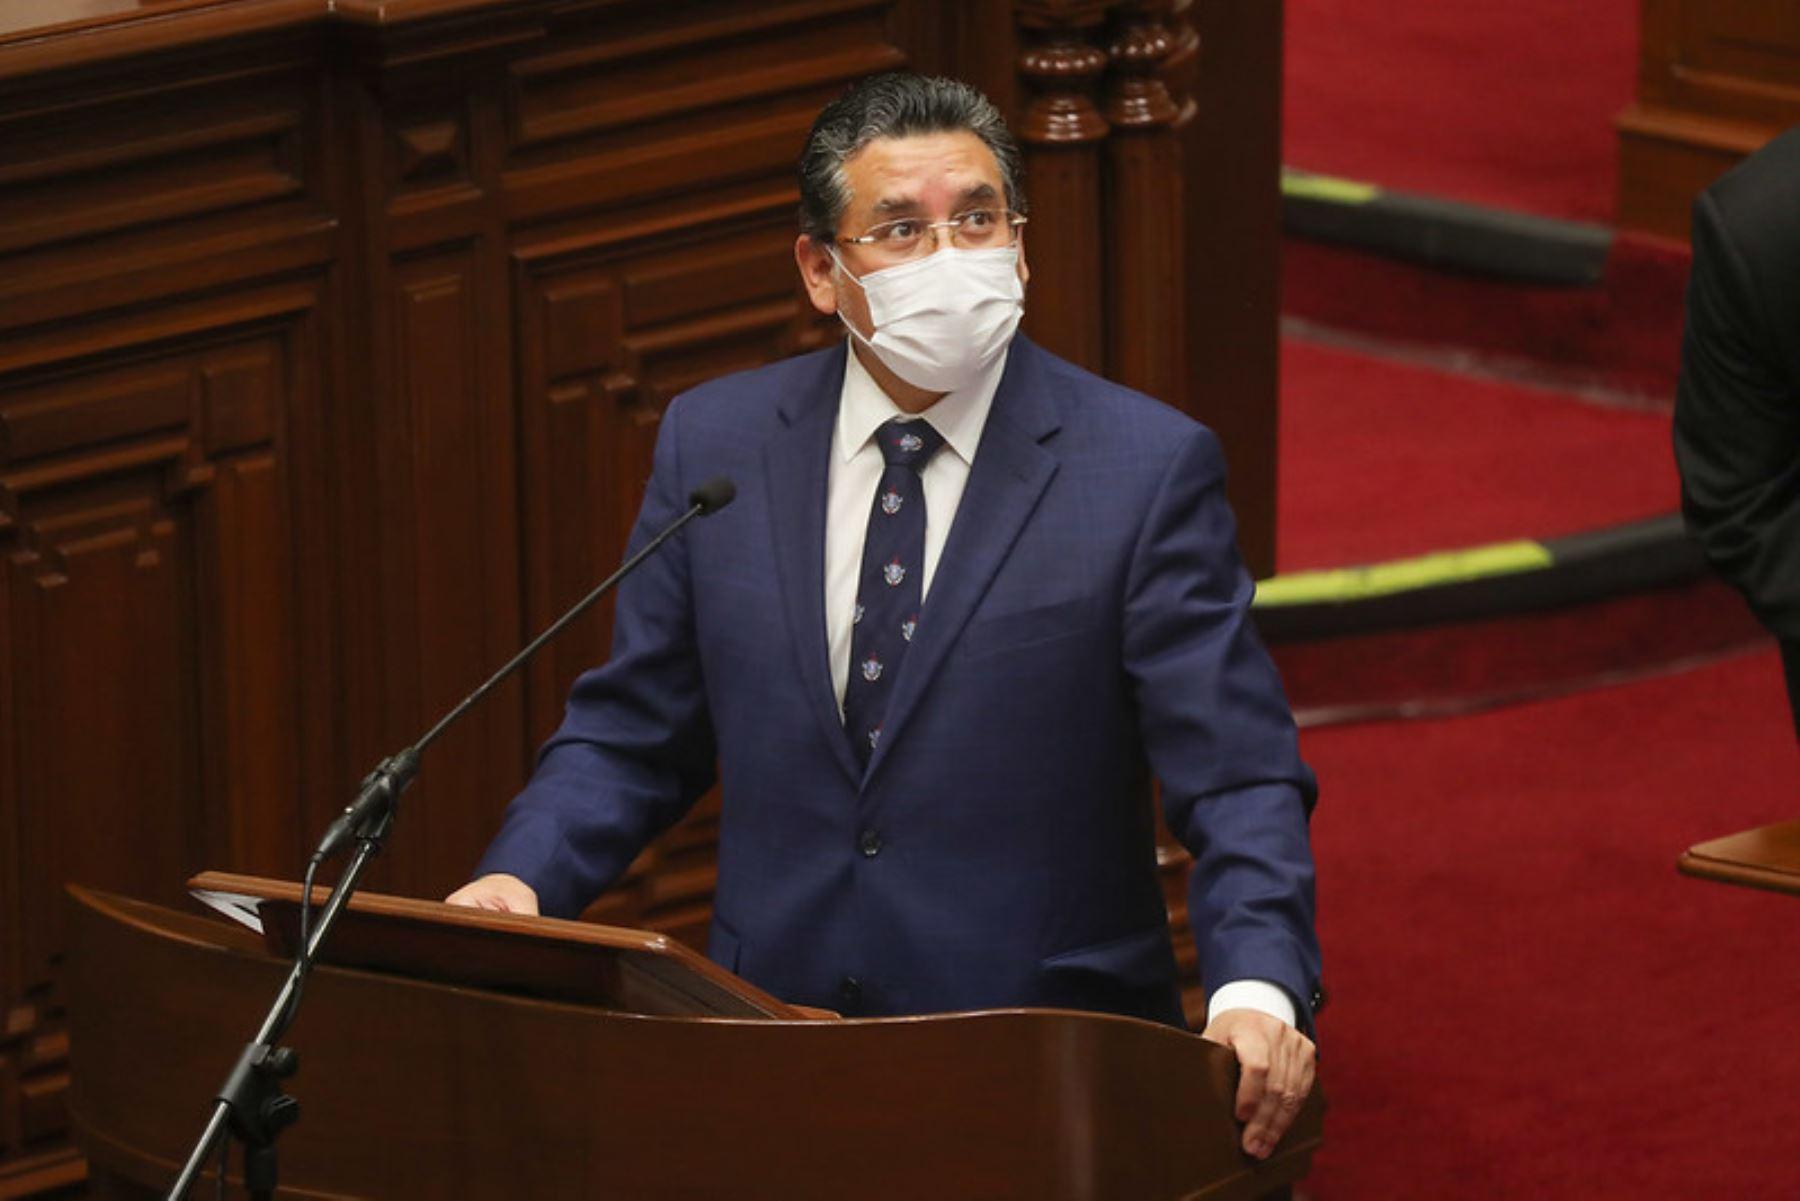 Rubén Vargas, ministro del Interior, expone ante el pleno del Congreso para sustentar el presupuesto del sector público 2021.  Foto: ANDINA / PCM